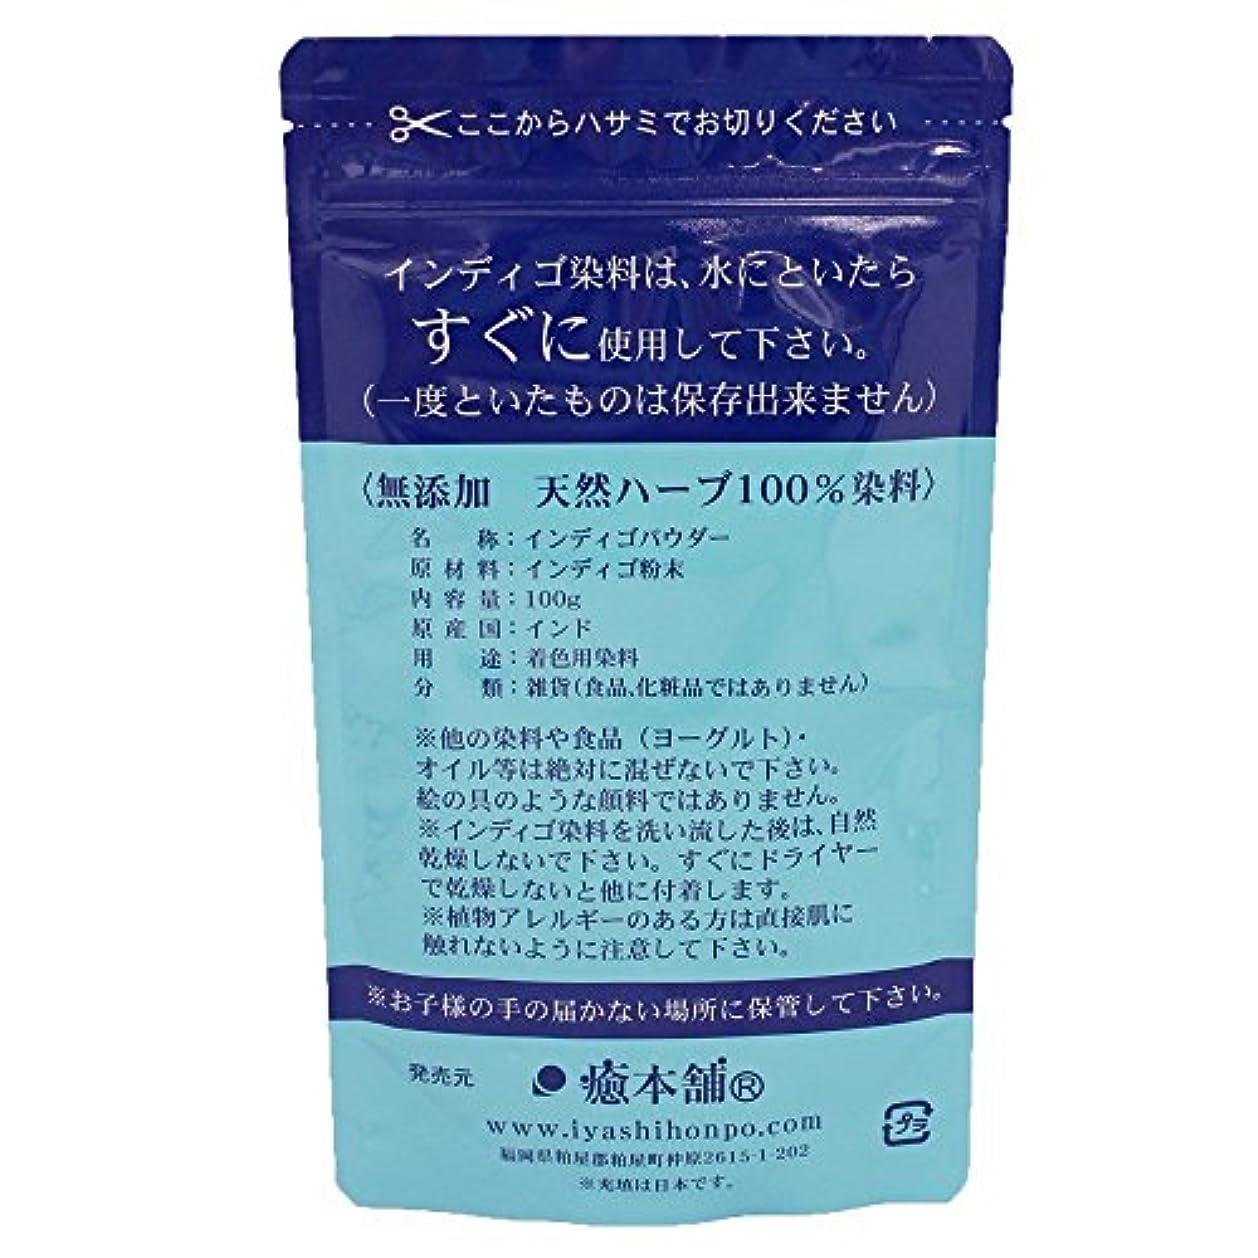 ブリーク水平着実に癒本舗 インディゴ(天然染料100%) 100g